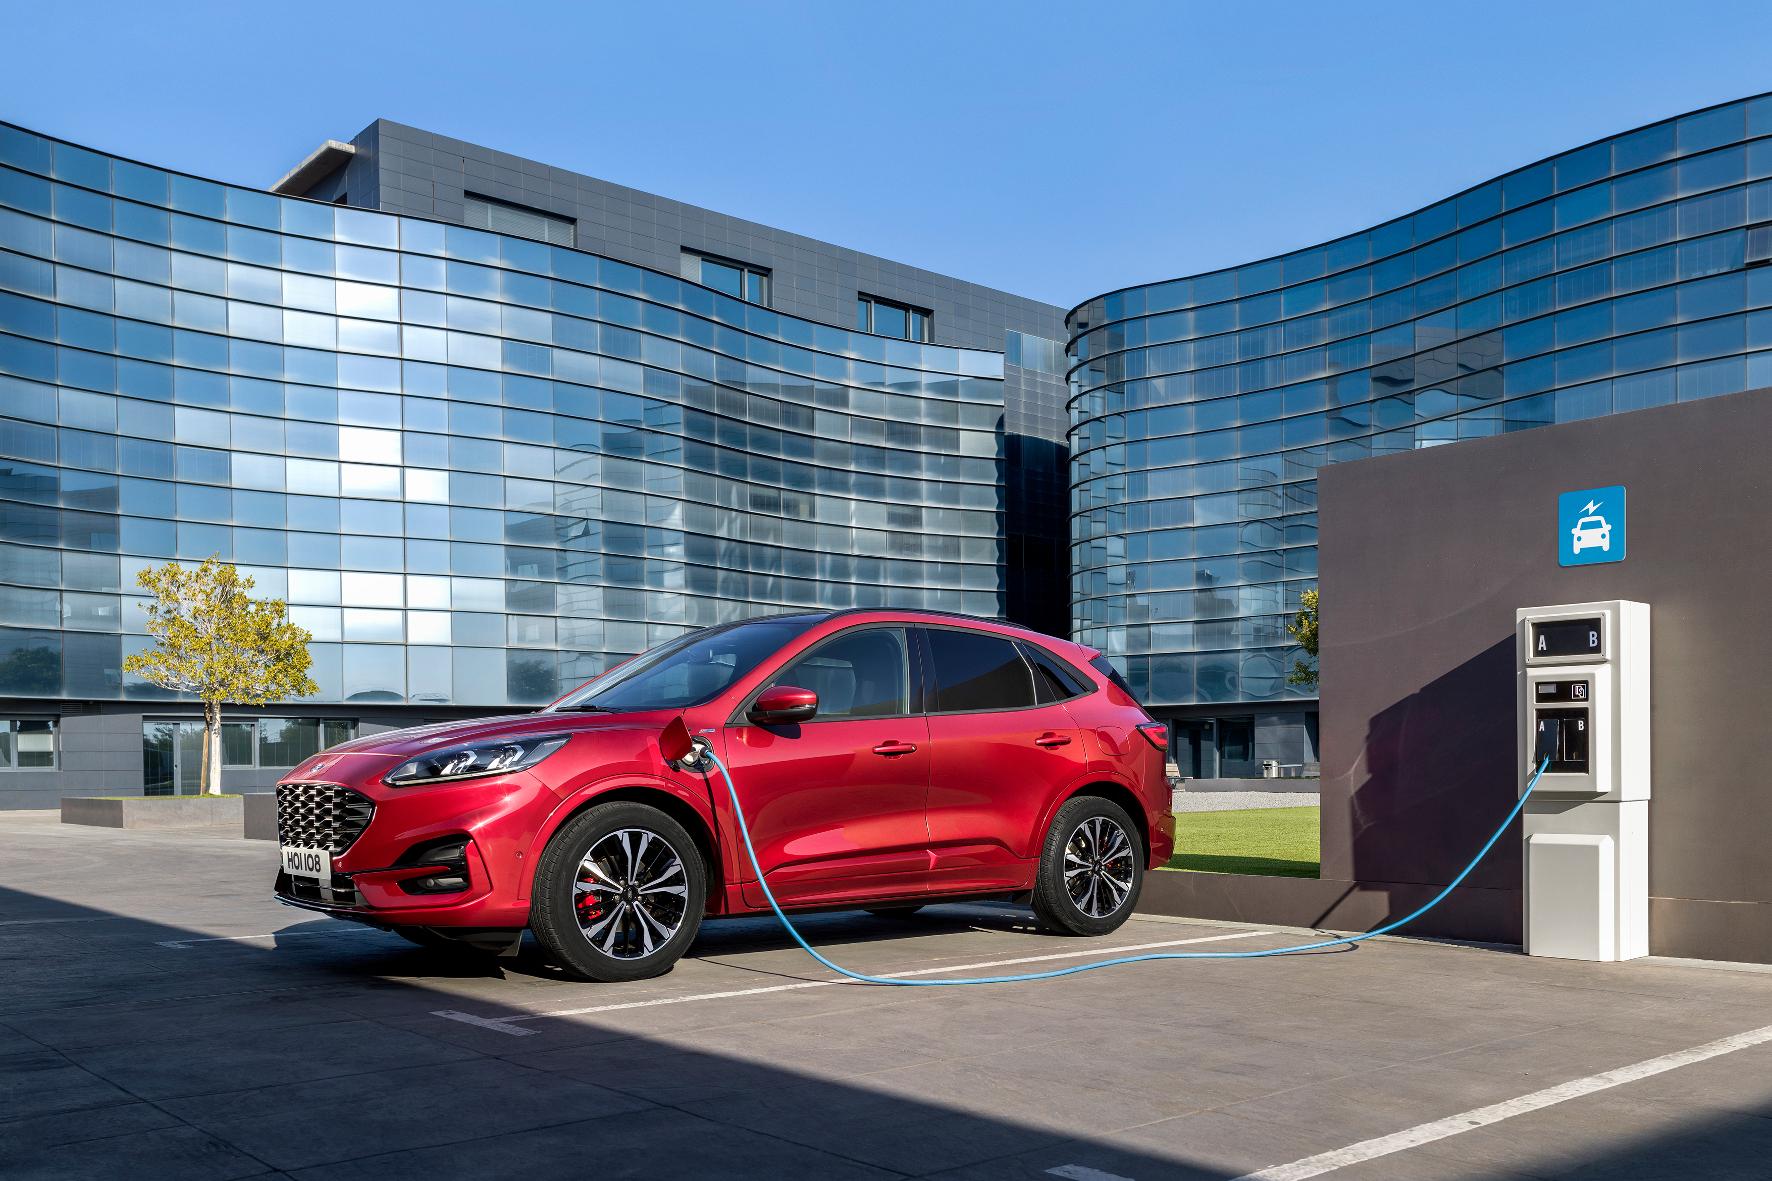 mid Groß-Gerau - Während der Gewerbewochen bietet Ford spezielle Konditionen fürs Kuga-Leasing. Ford